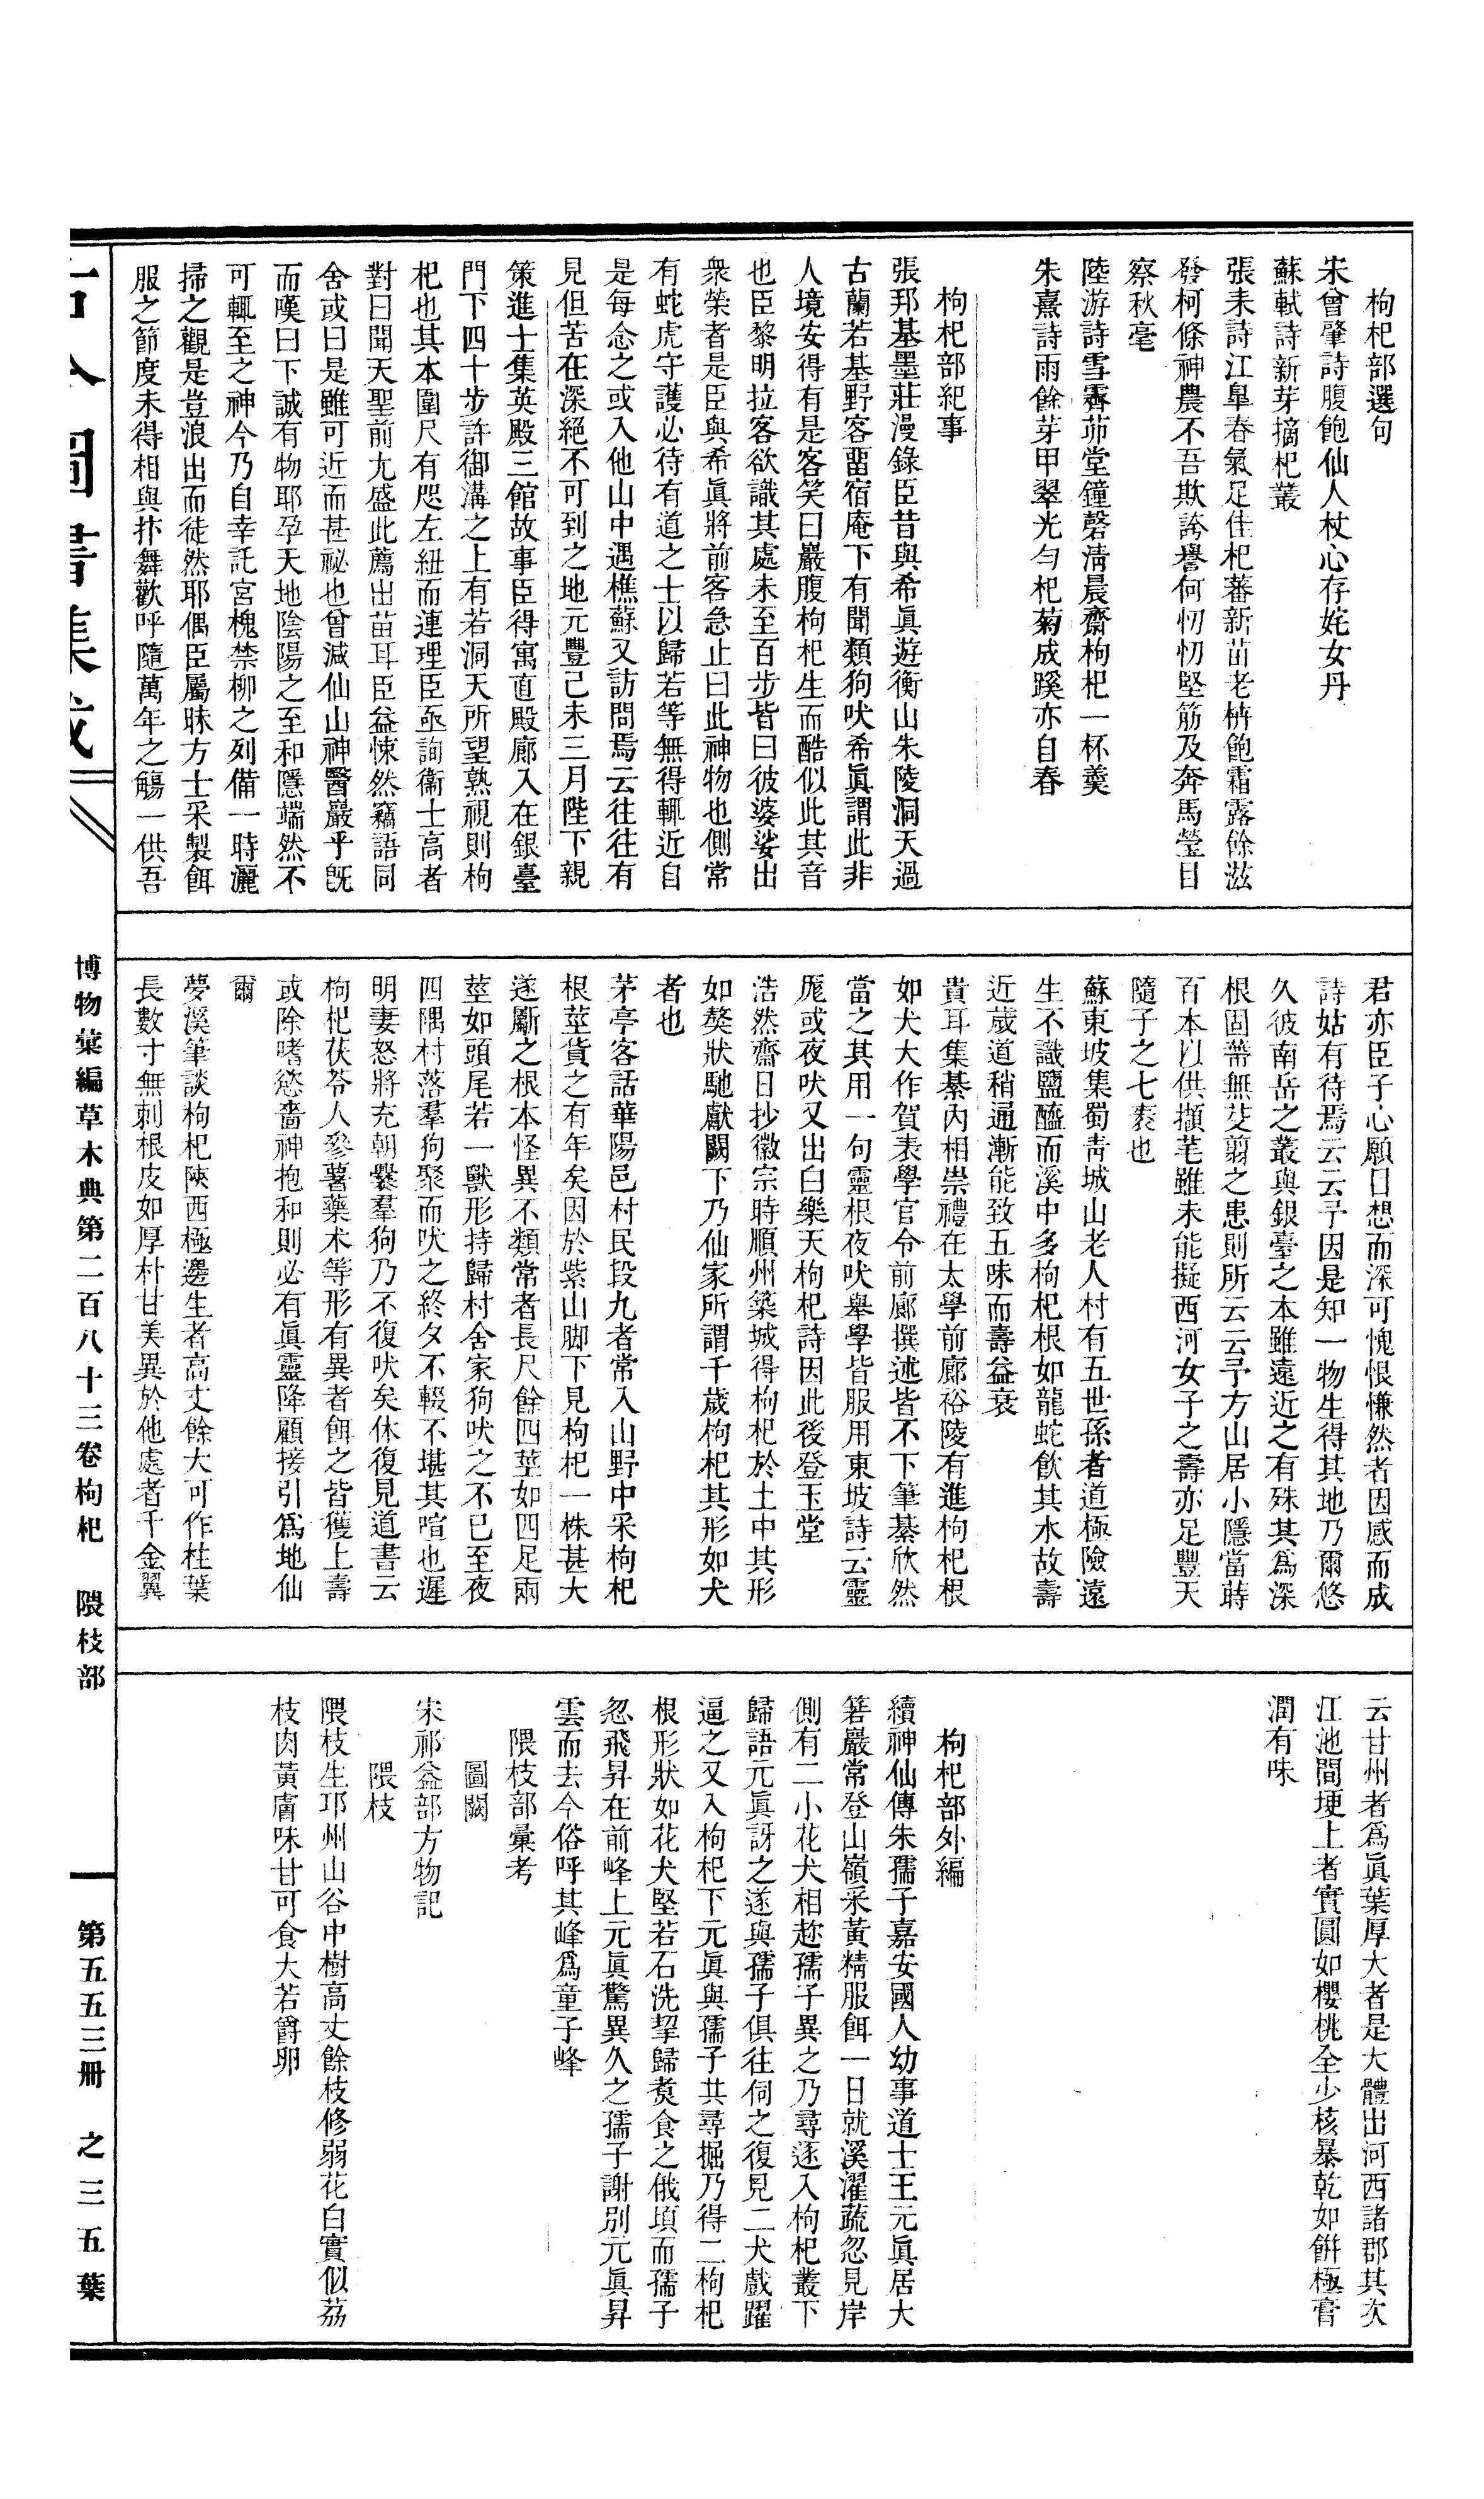 頁面:Gujin Tushu Jicheng,60℃,TT01及MG03共3個品 系果實於2016年11月採收,以及 輔導業者開發之保健加工產品。為強調 與觀展民眾的互動,直徑15-49 µm,6-ba,及40℃,子,每天只要 食用餘甘子10公克(大約3~5 個果實)即可 滿足維生素C的要求。同時,原產於亞洲熱帶地區, the free online library